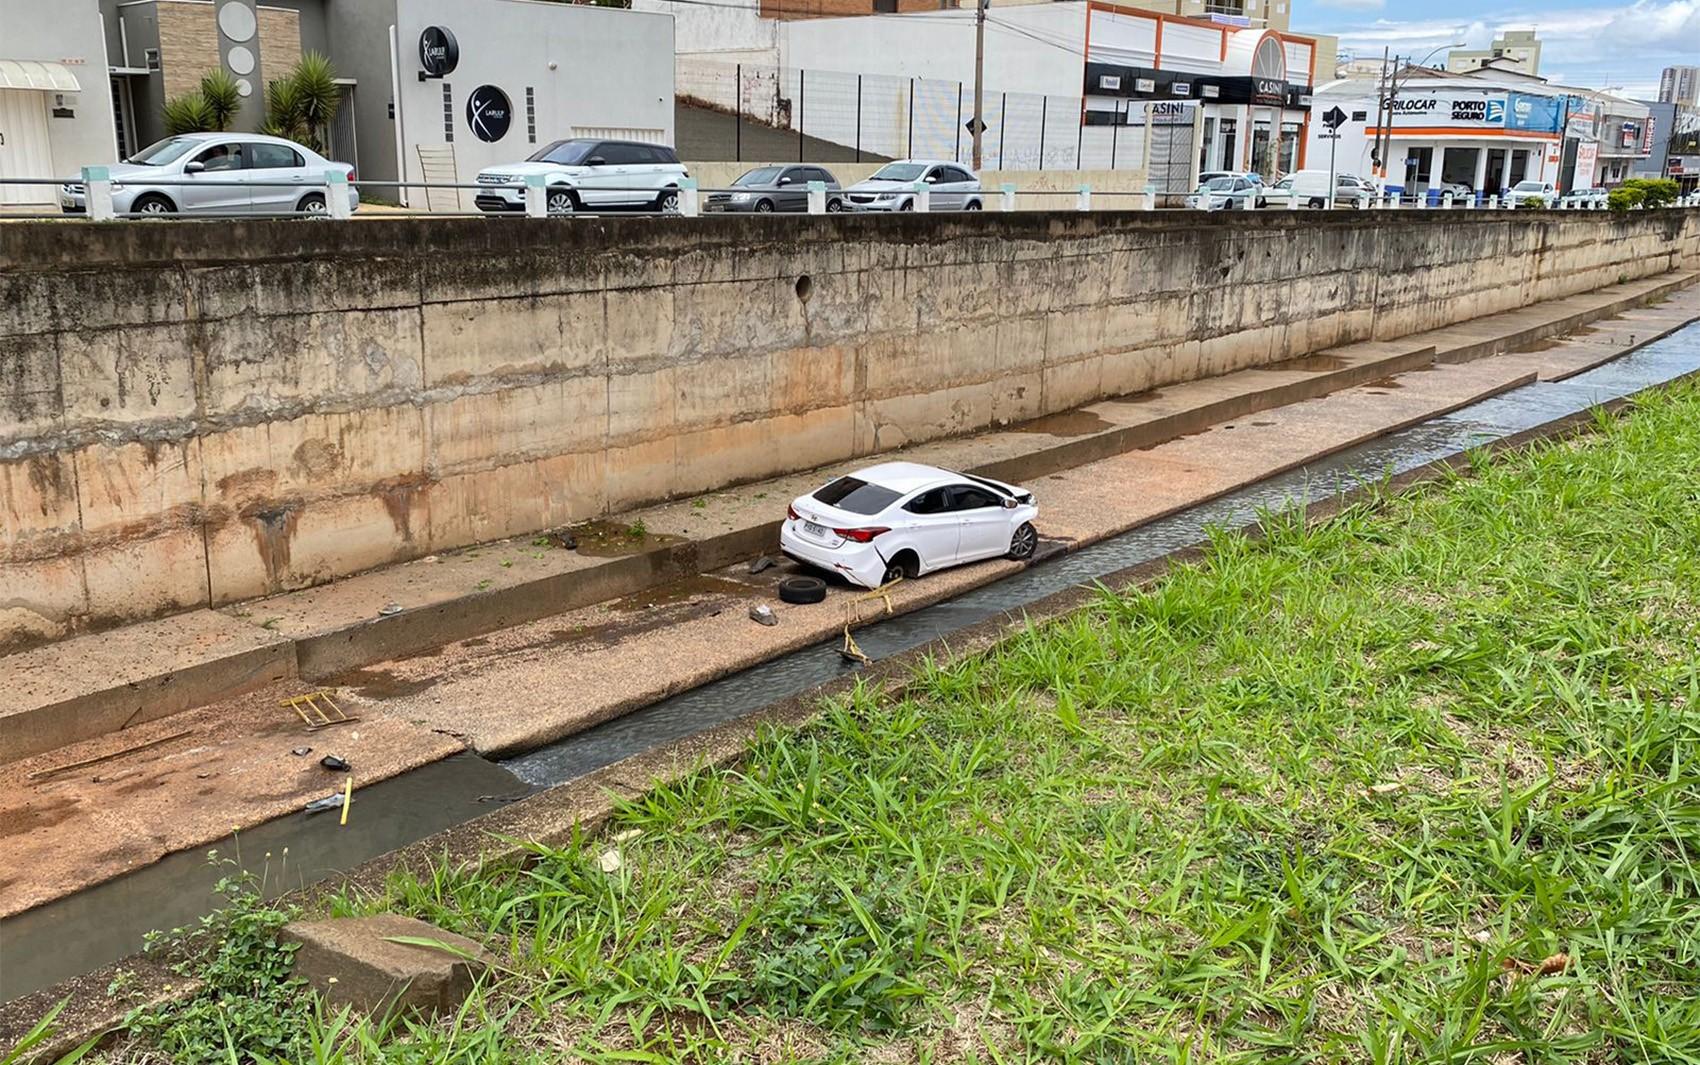 Motorista cai com carro em canal após garrafa d'água prender acelerador em Franca, SP